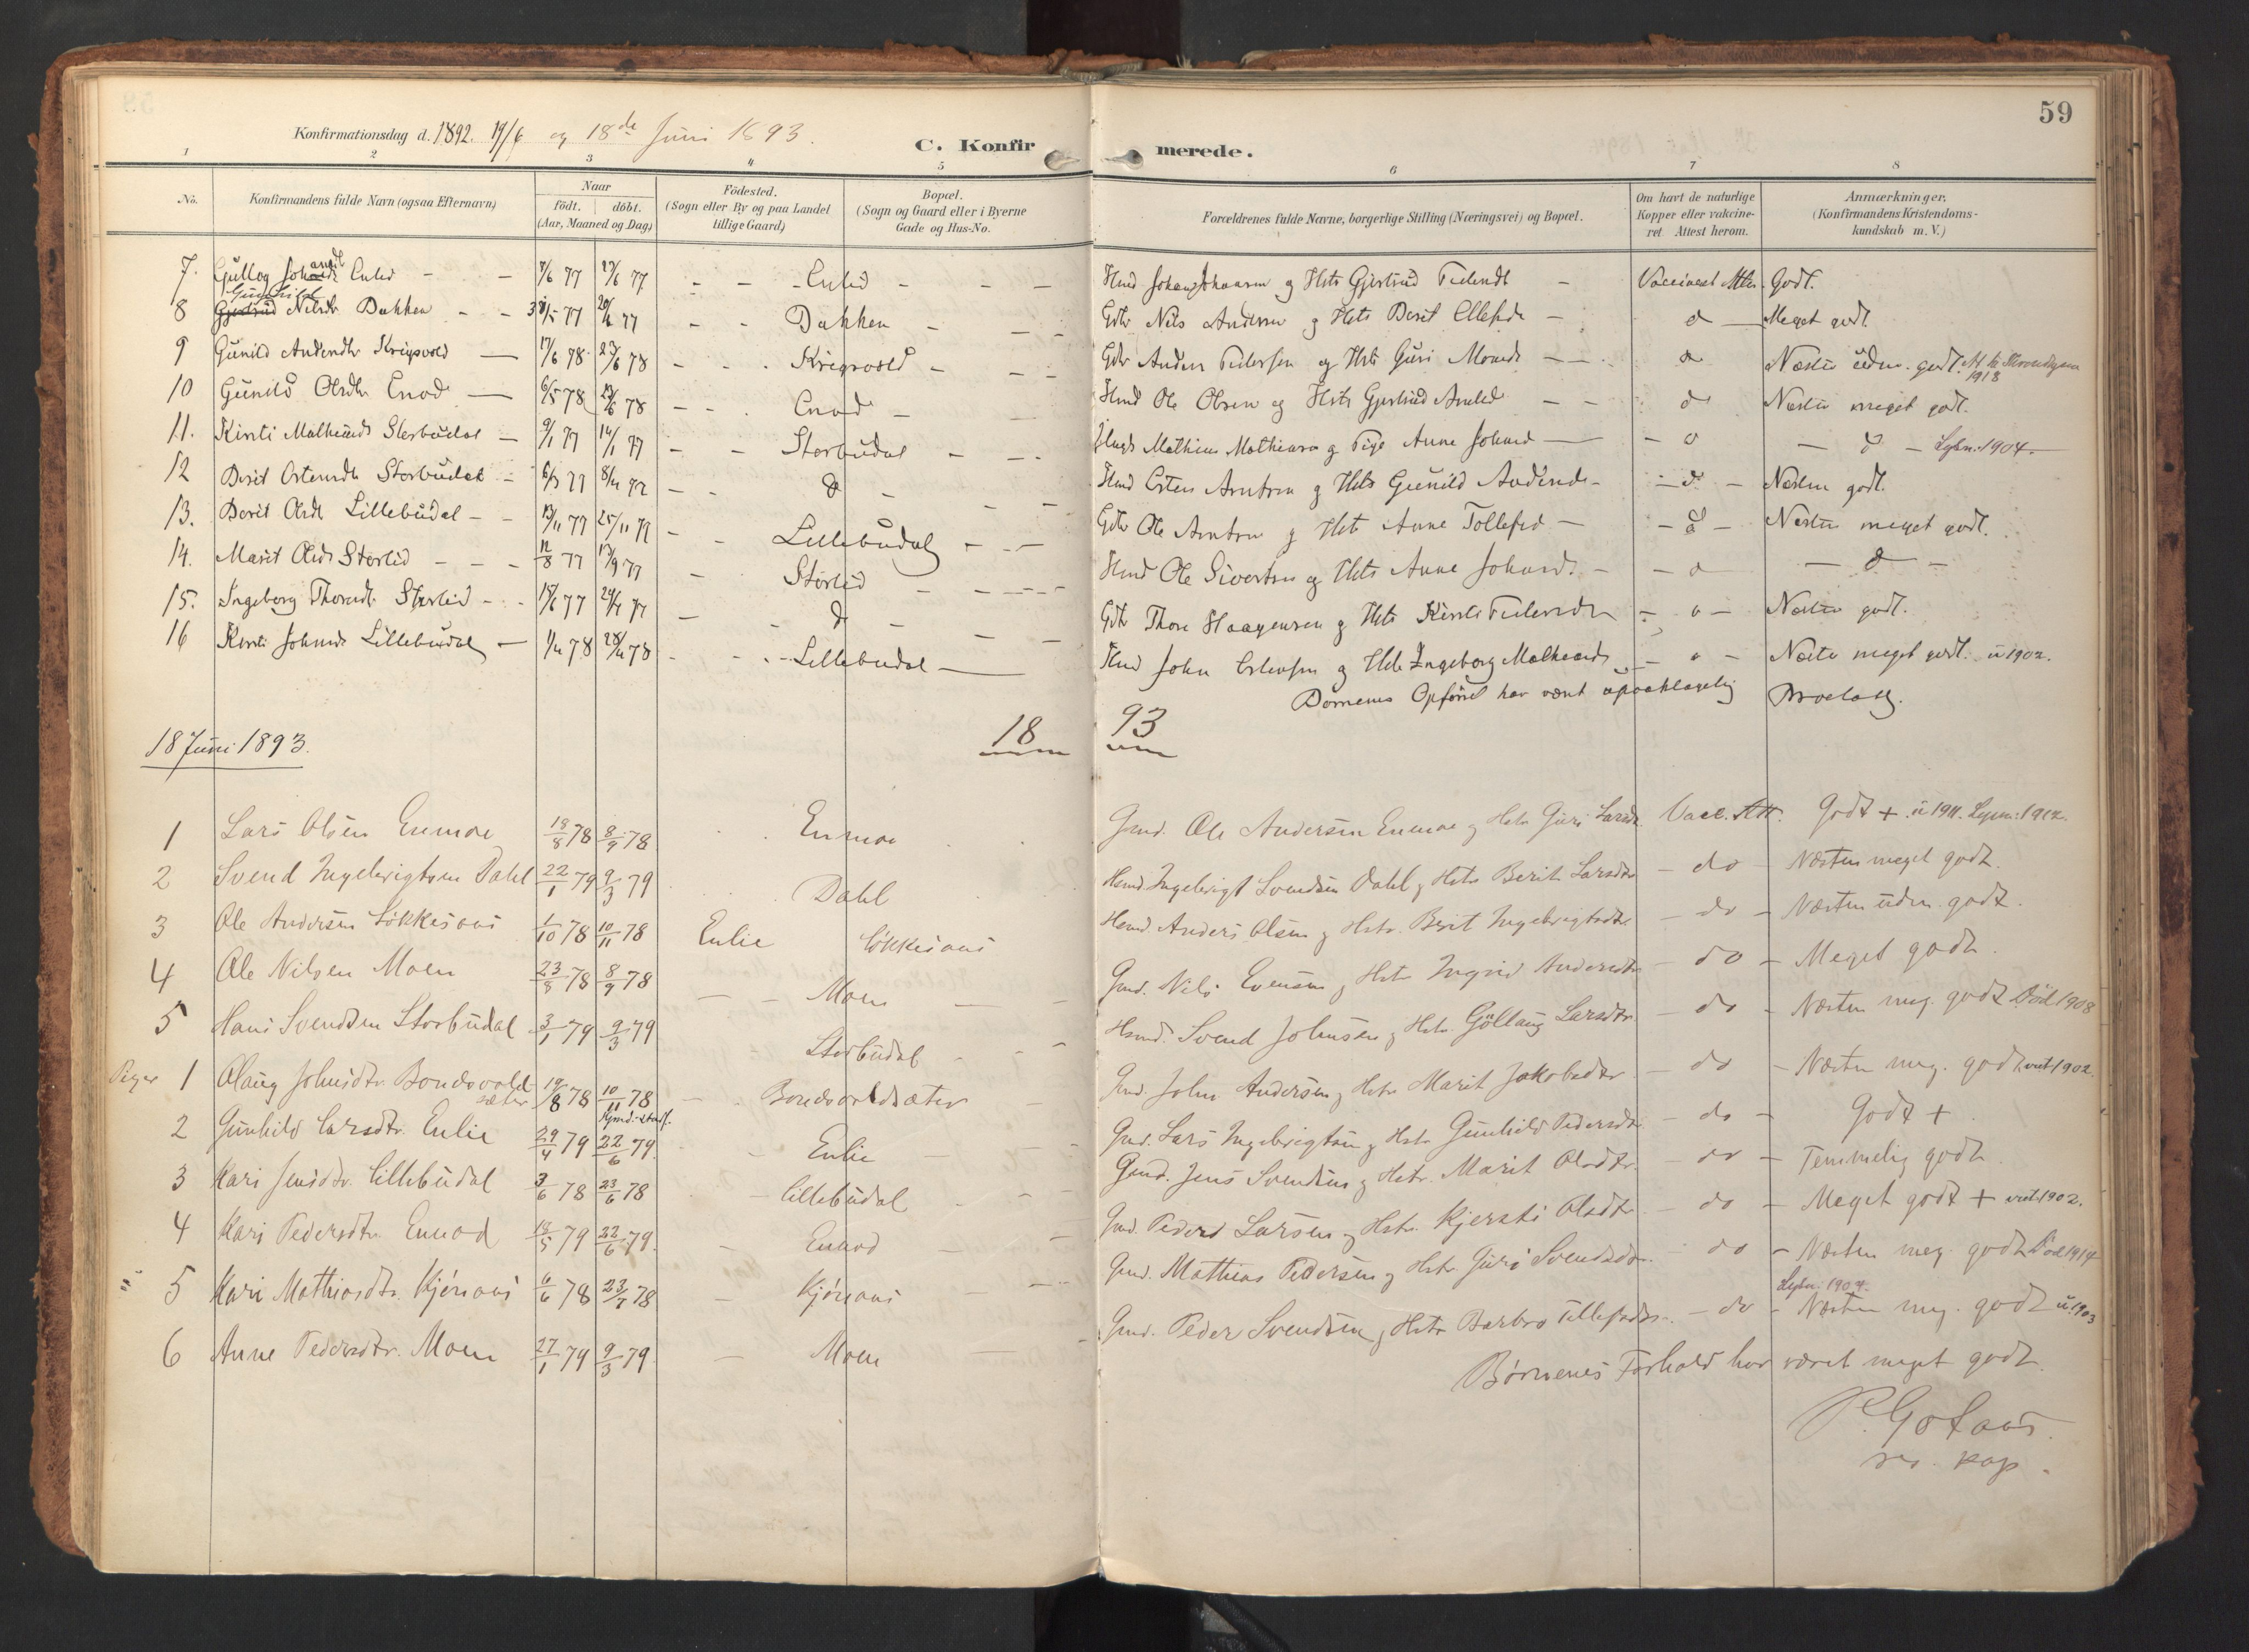 SAT, Ministerialprotokoller, klokkerbøker og fødselsregistre - Sør-Trøndelag, 690/L1050: Ministerialbok nr. 690A01, 1889-1929, s. 59